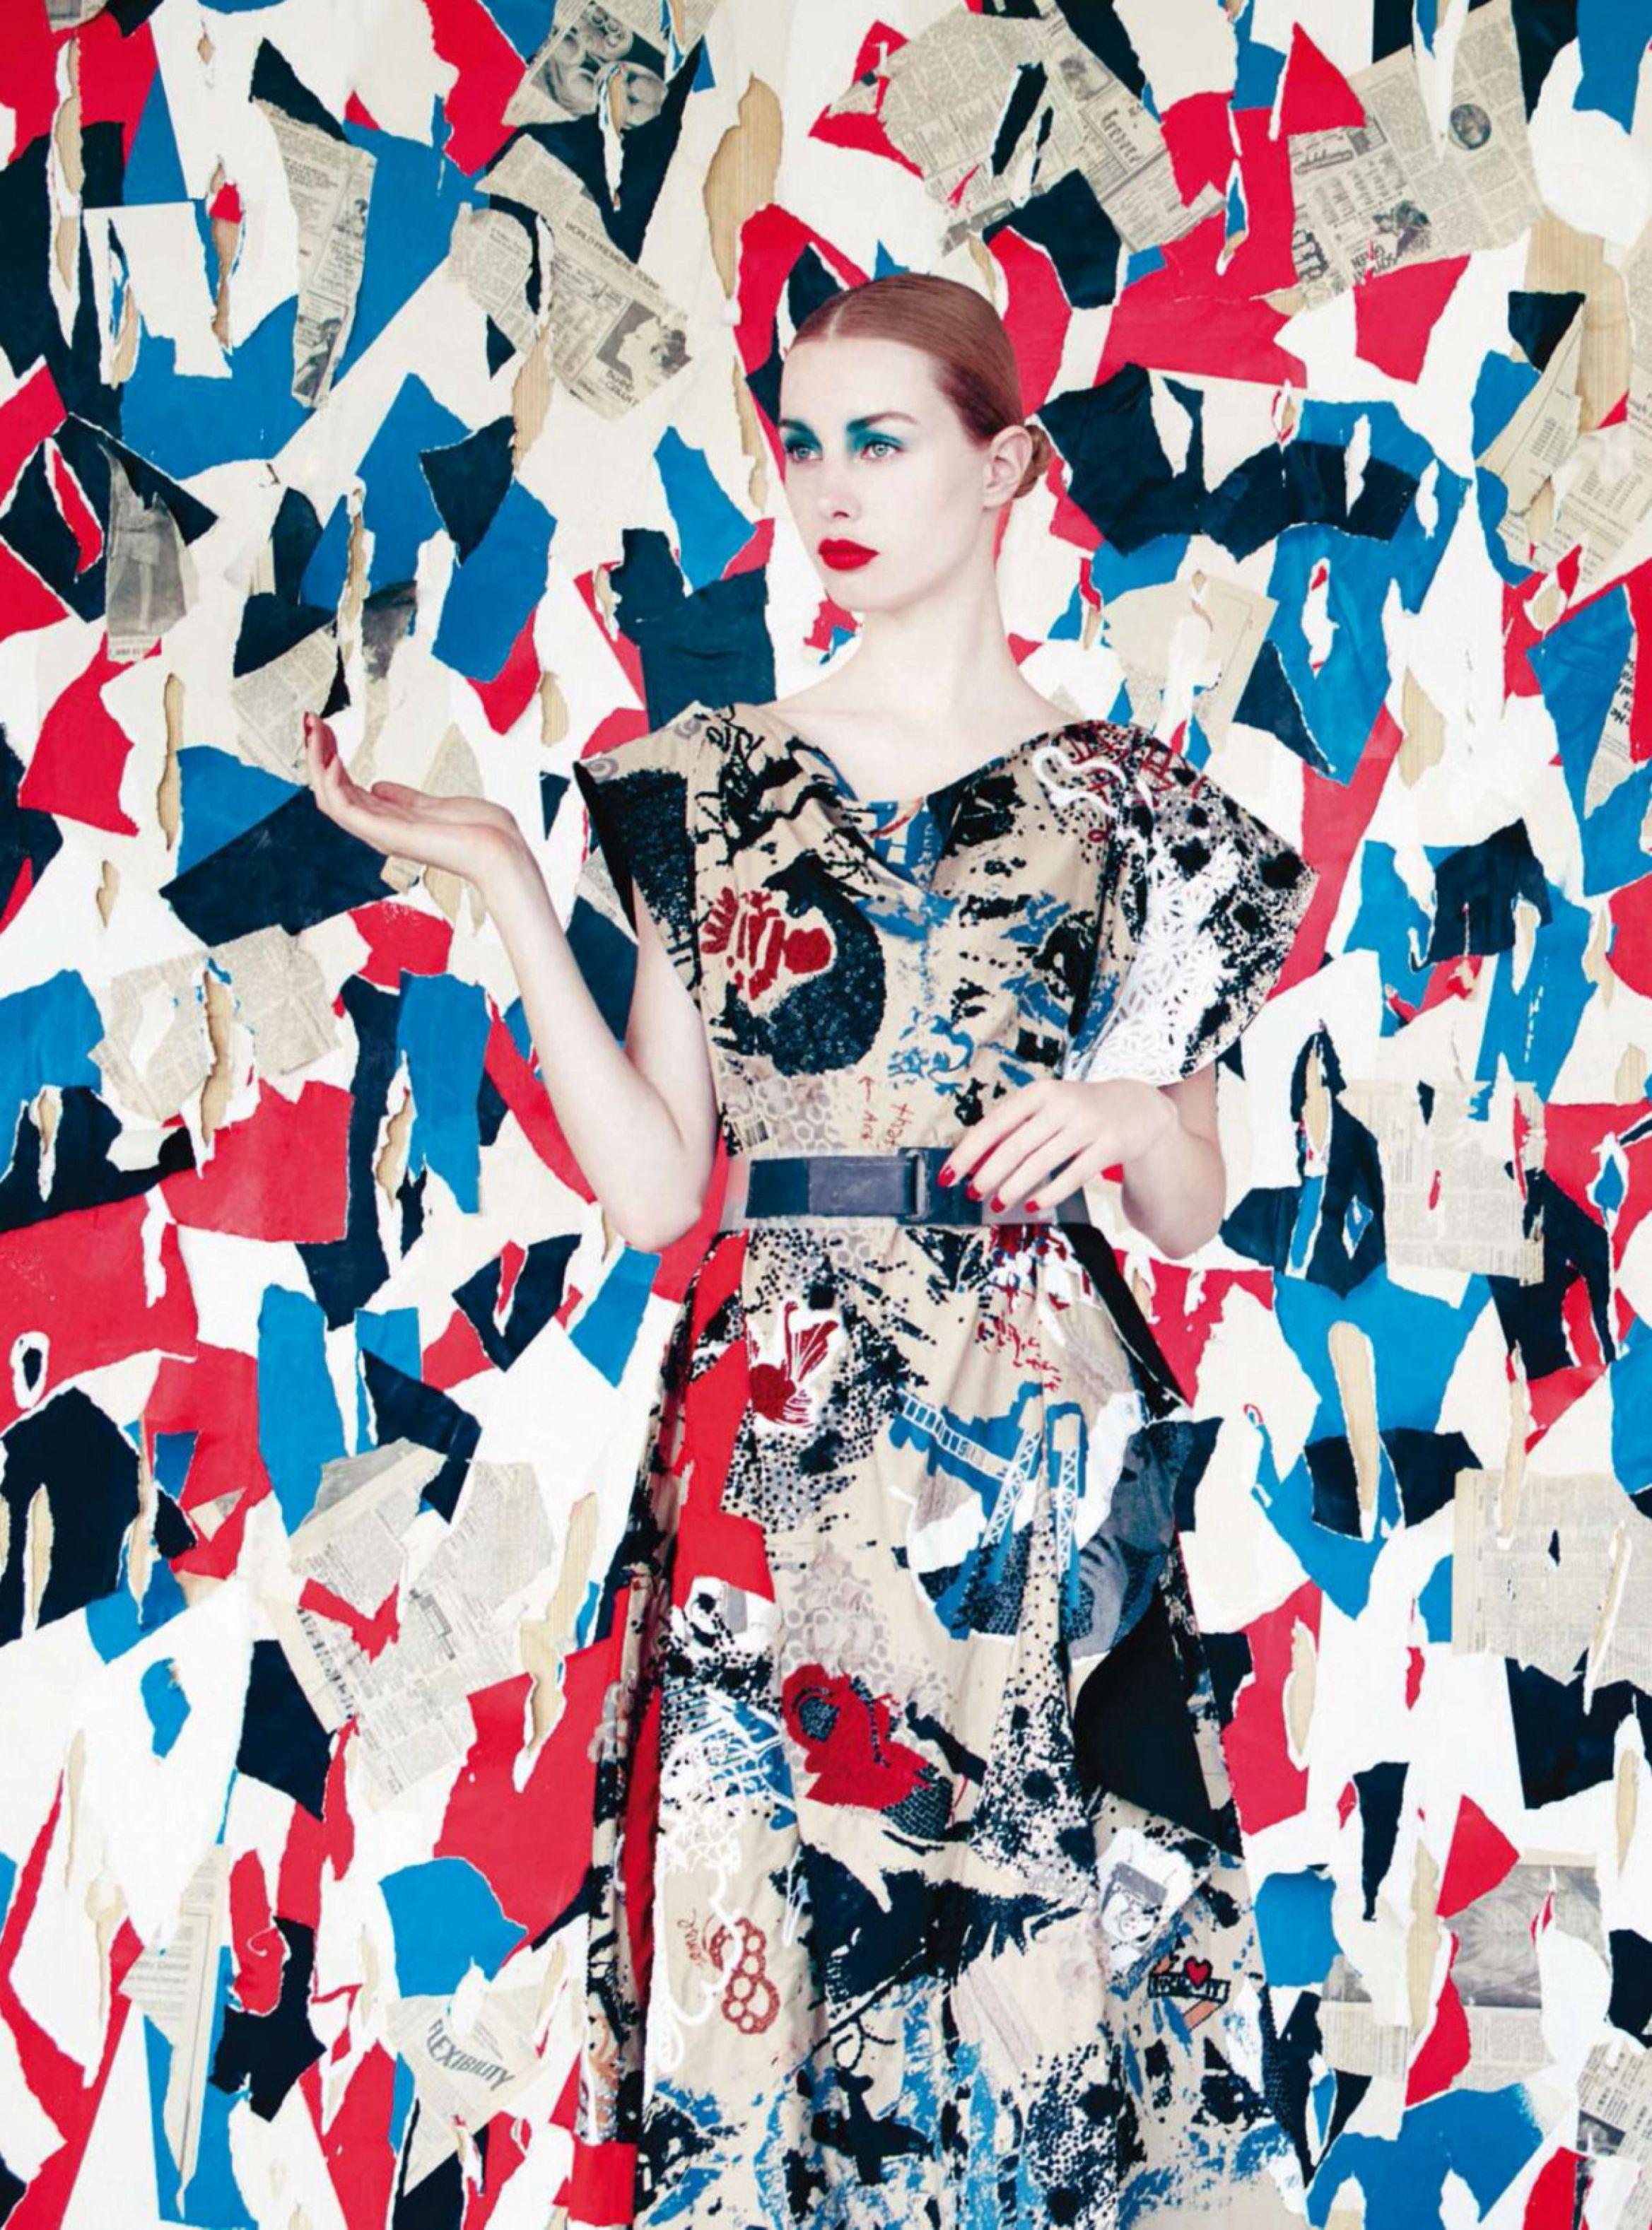 Las colecciones S/S 2015 según Harper's Bazaar UK, 2015